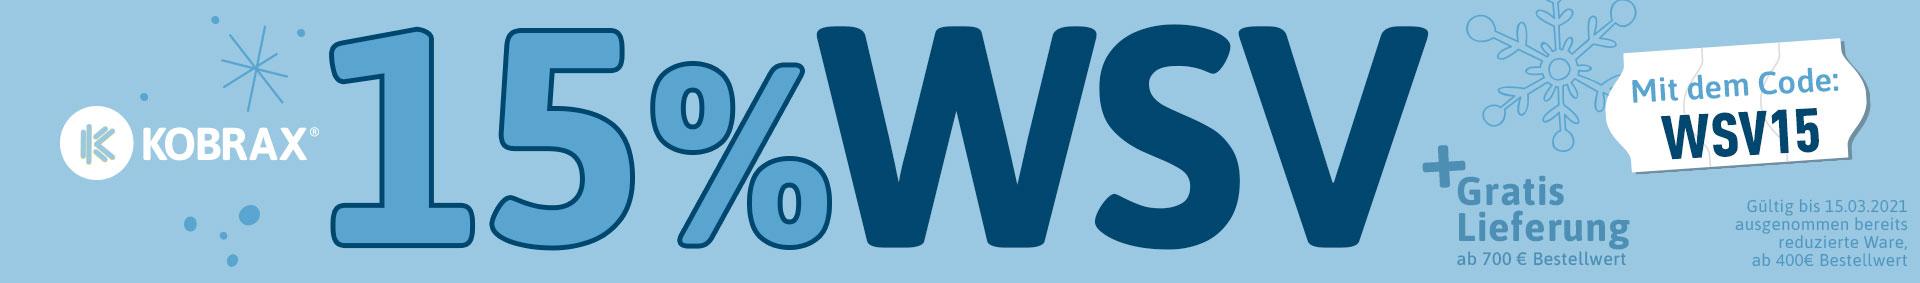 2021neu angebot Startseite wsv - Home